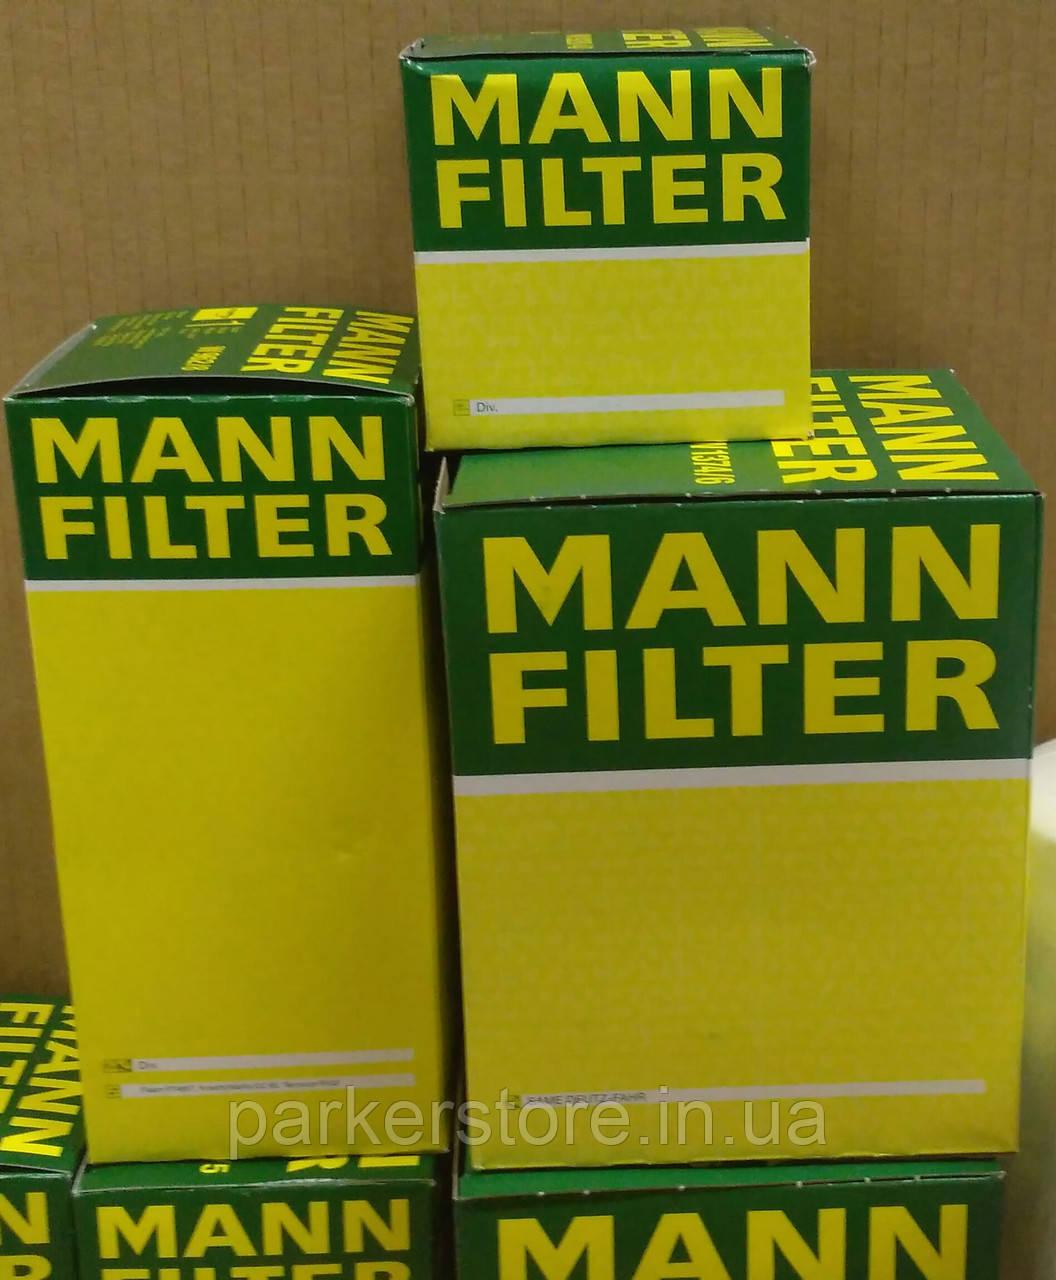 MANN FILTER / Воздушный фильтр / C 15 124/5 / C15124/5